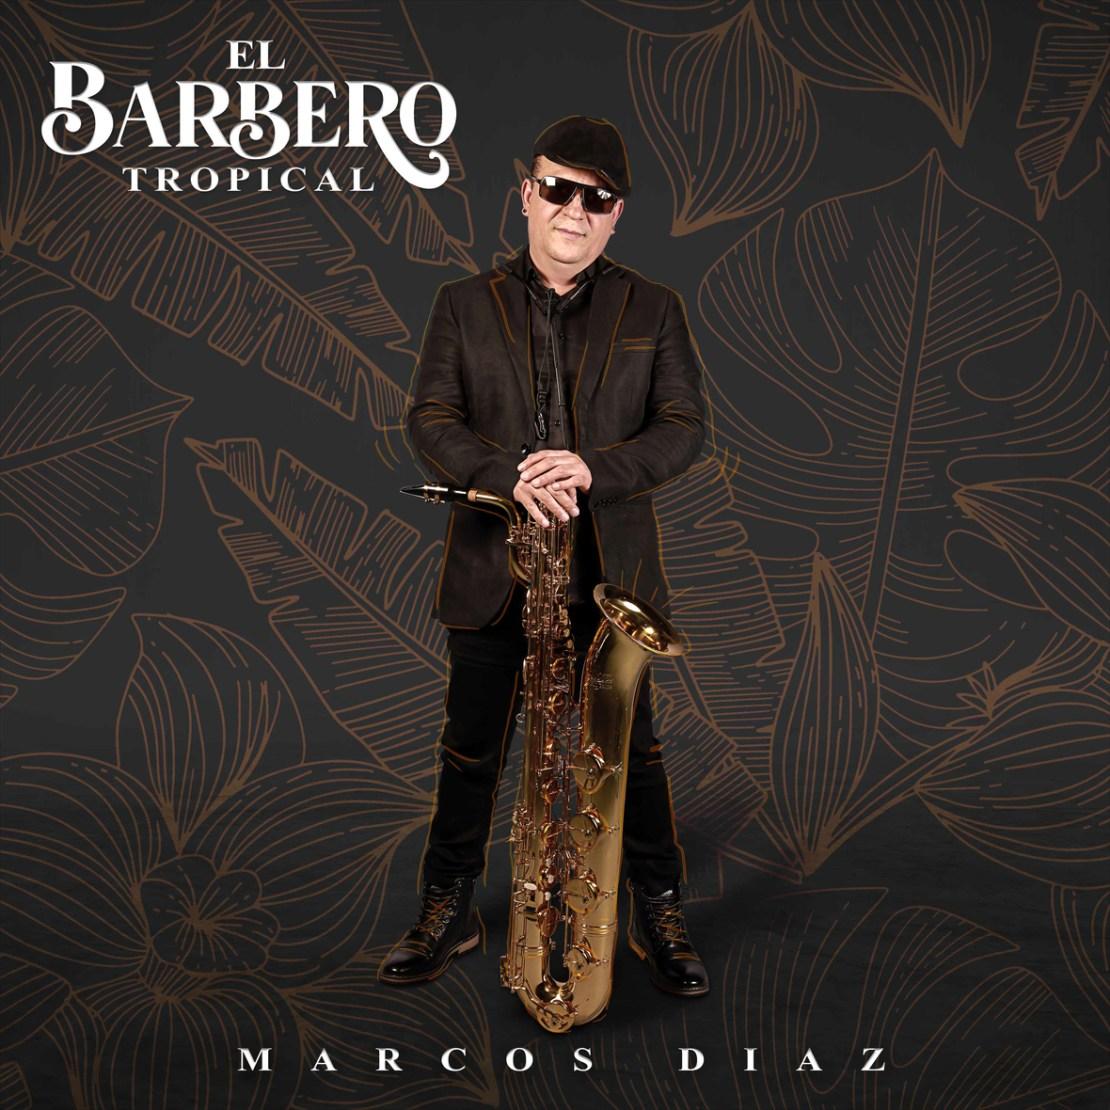 EL-BARBERO-TROPICAL-MARCOS-DIAZ